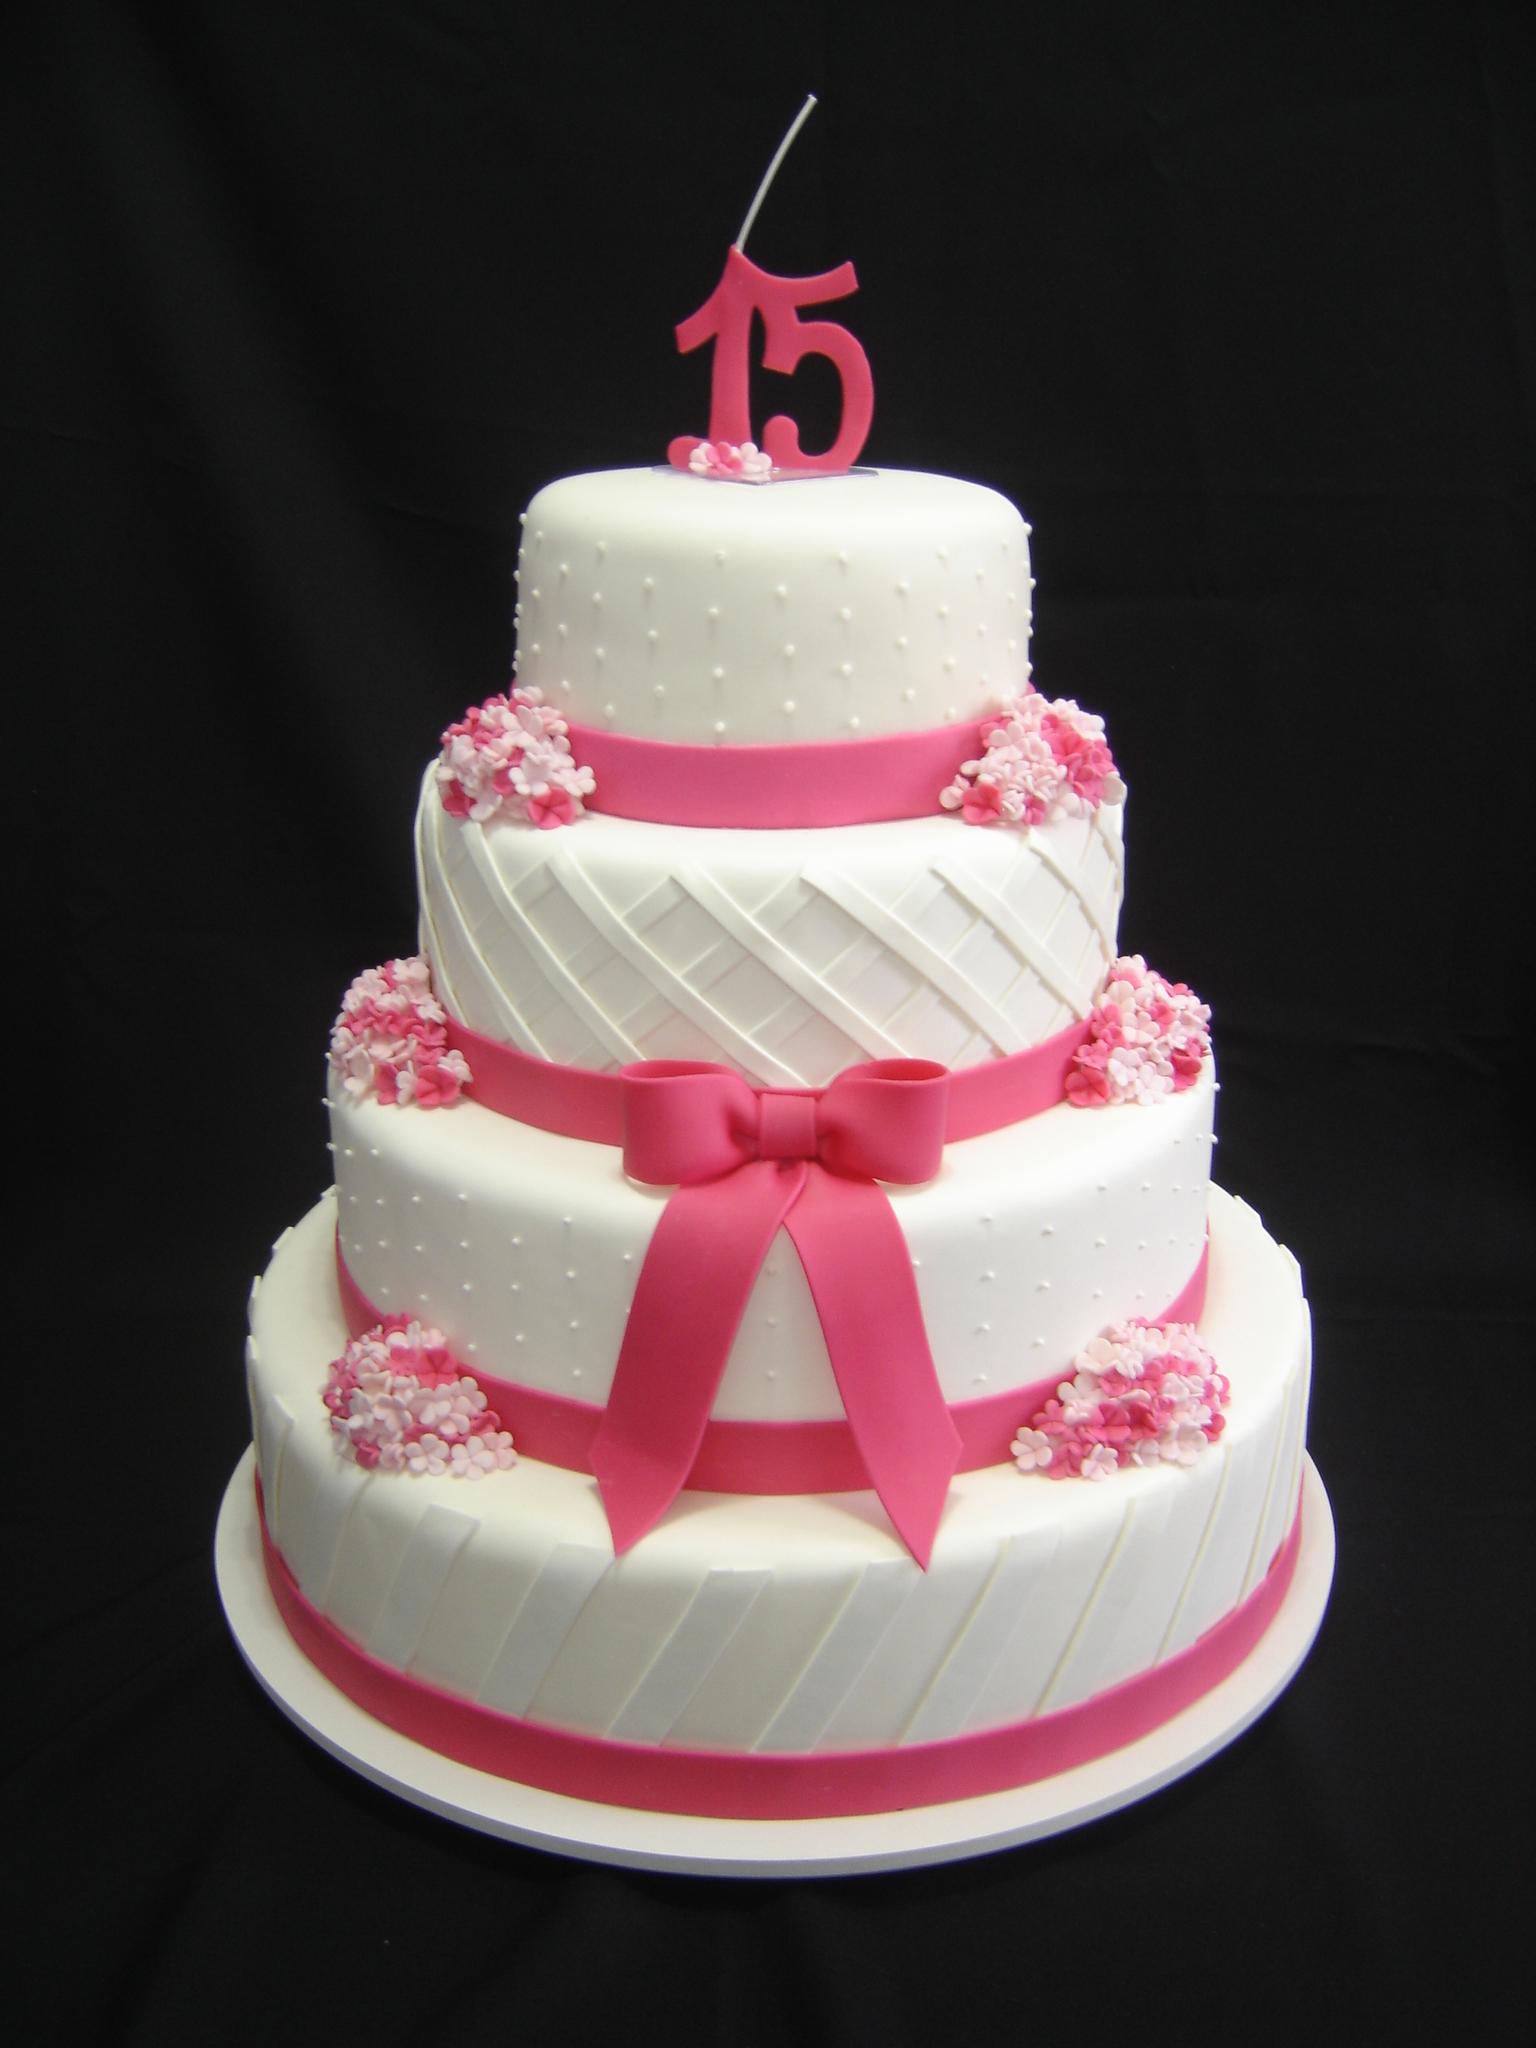 Bolo cenogrfico pink e flores locao no elo7 oficina de encantos bolo cenogrfico pink e flores locao no elo7 oficina de encantos 55e79c thecheapjerseys Choice Image